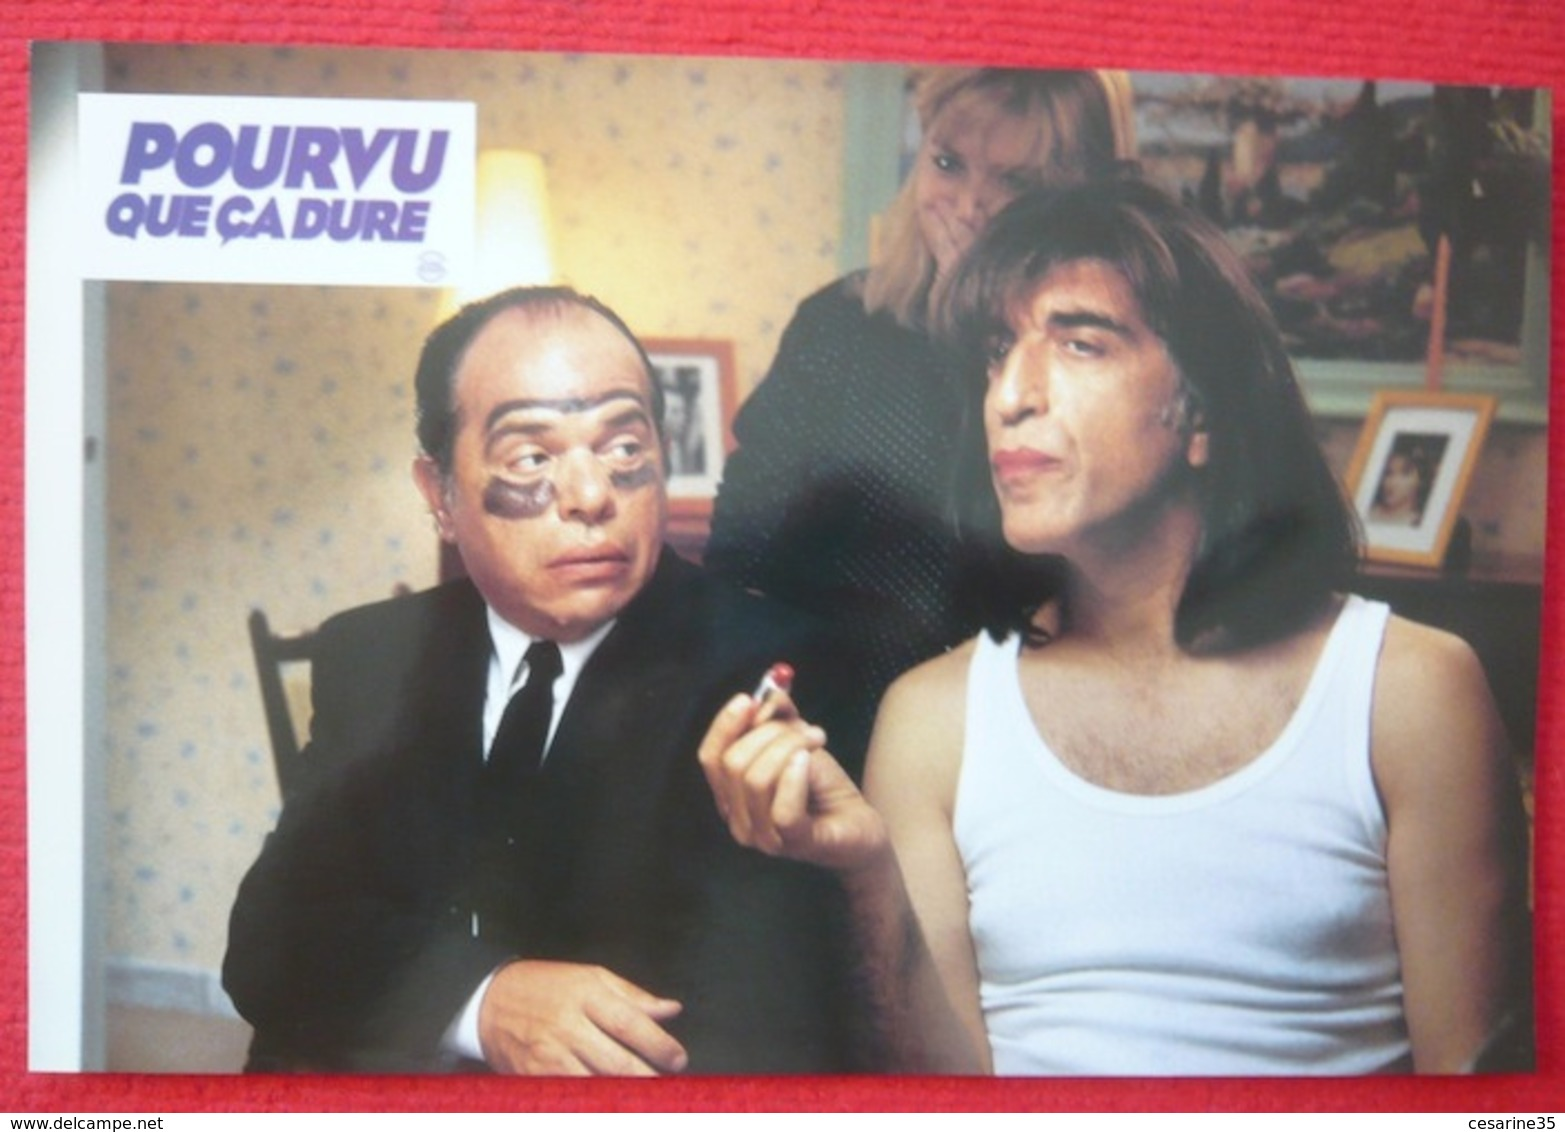 9 Photos Du Film Pourvu Que ça Dure (1996) - Ticky Holgado - Albums & Collections